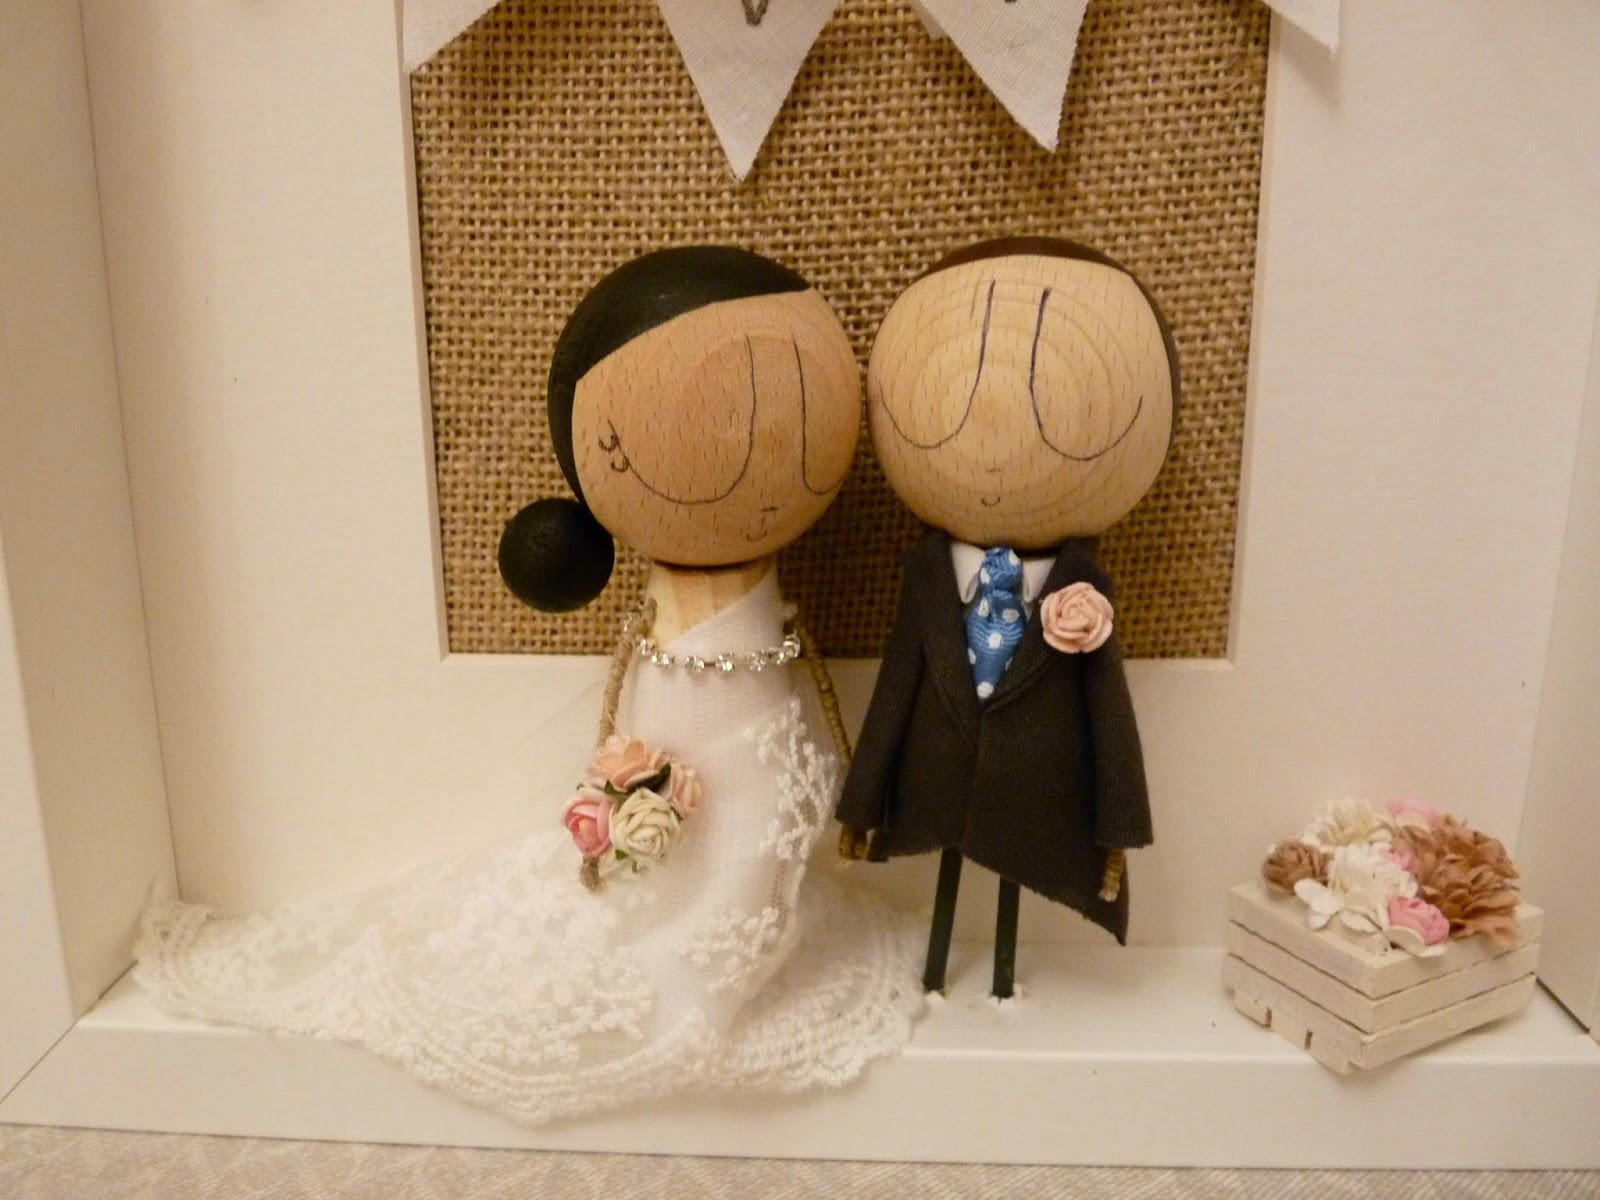 novios personalizados, novios pastel, topper cake, wedding, novios, boda, bodas barcelona, olivia palermo, cake topper, pastel novios, cuadros boda, detalles originales, cuadros novios